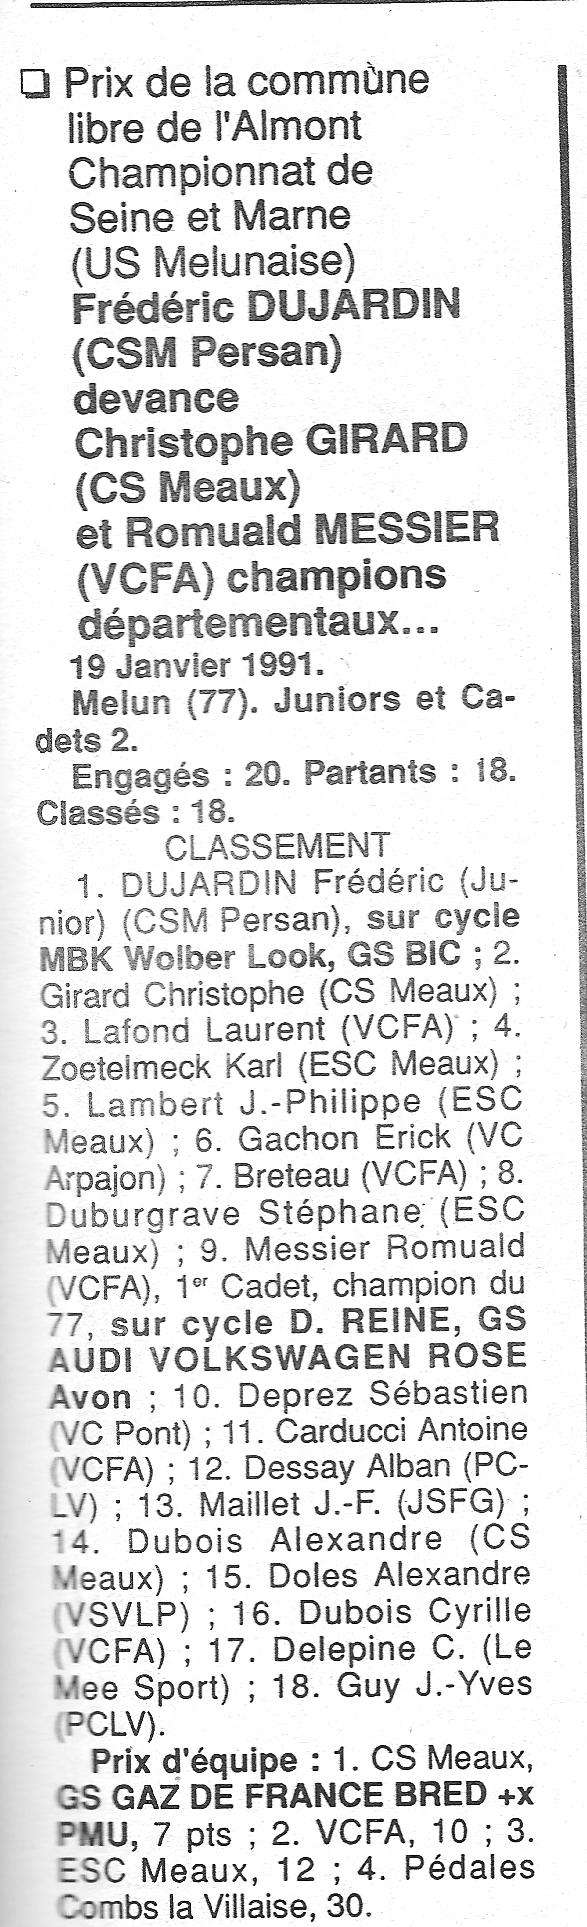 CSM.Persan. BIC. Toute une époque de janvier 1990 à novembre 2007 - Page 5 1991_056